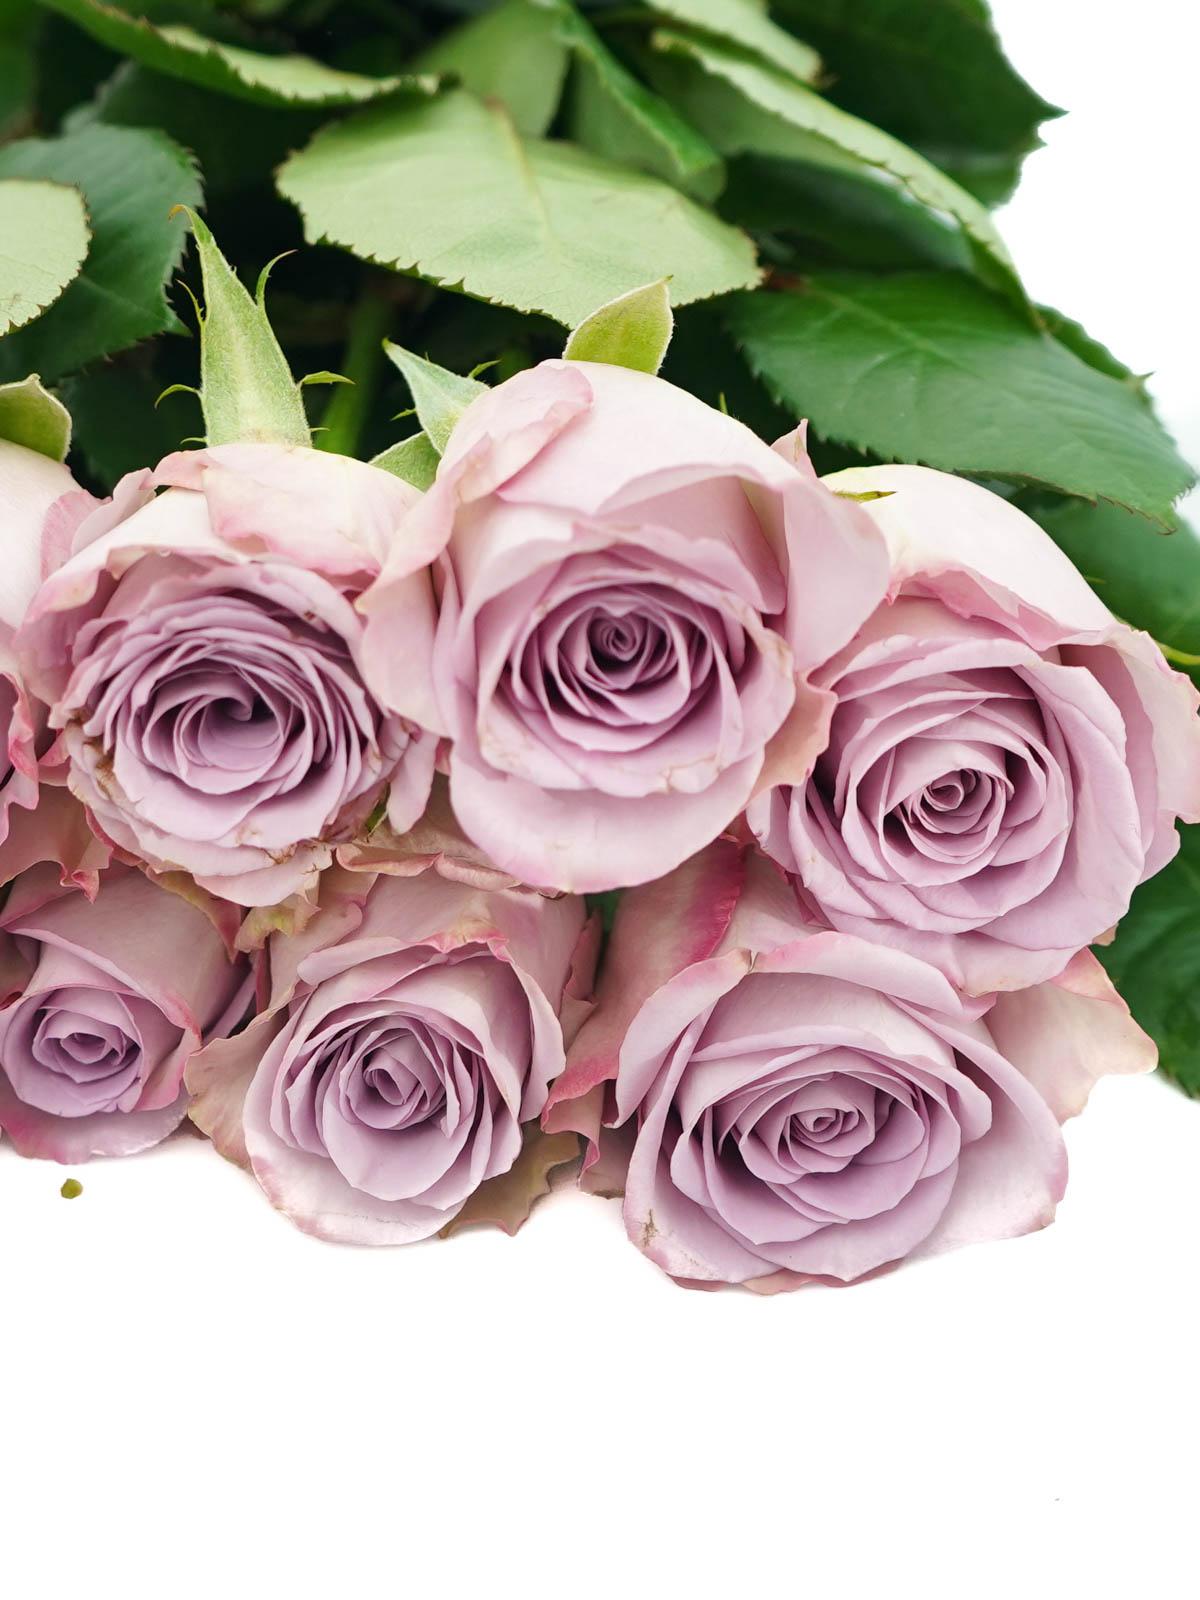 زهور بنفسجي ' الزهور بالجملة زهور مقطوفة